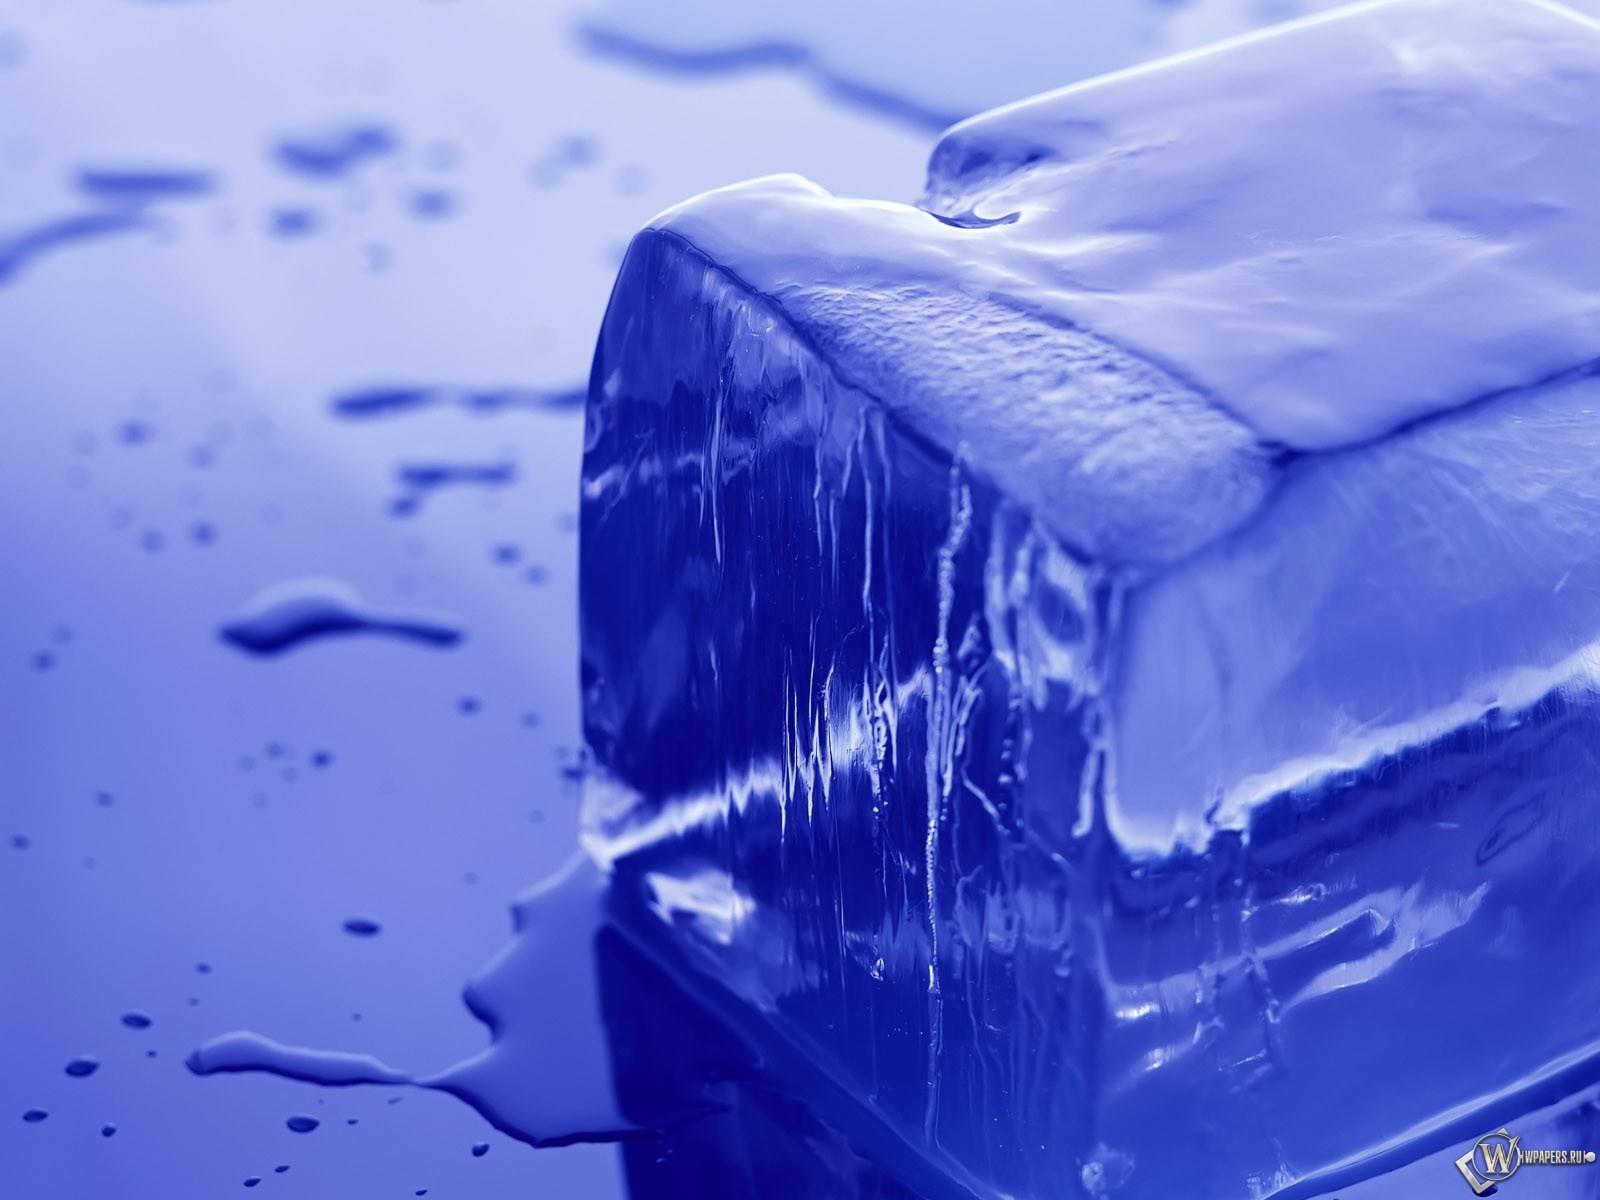 Ровный кусок льда 1600x1200